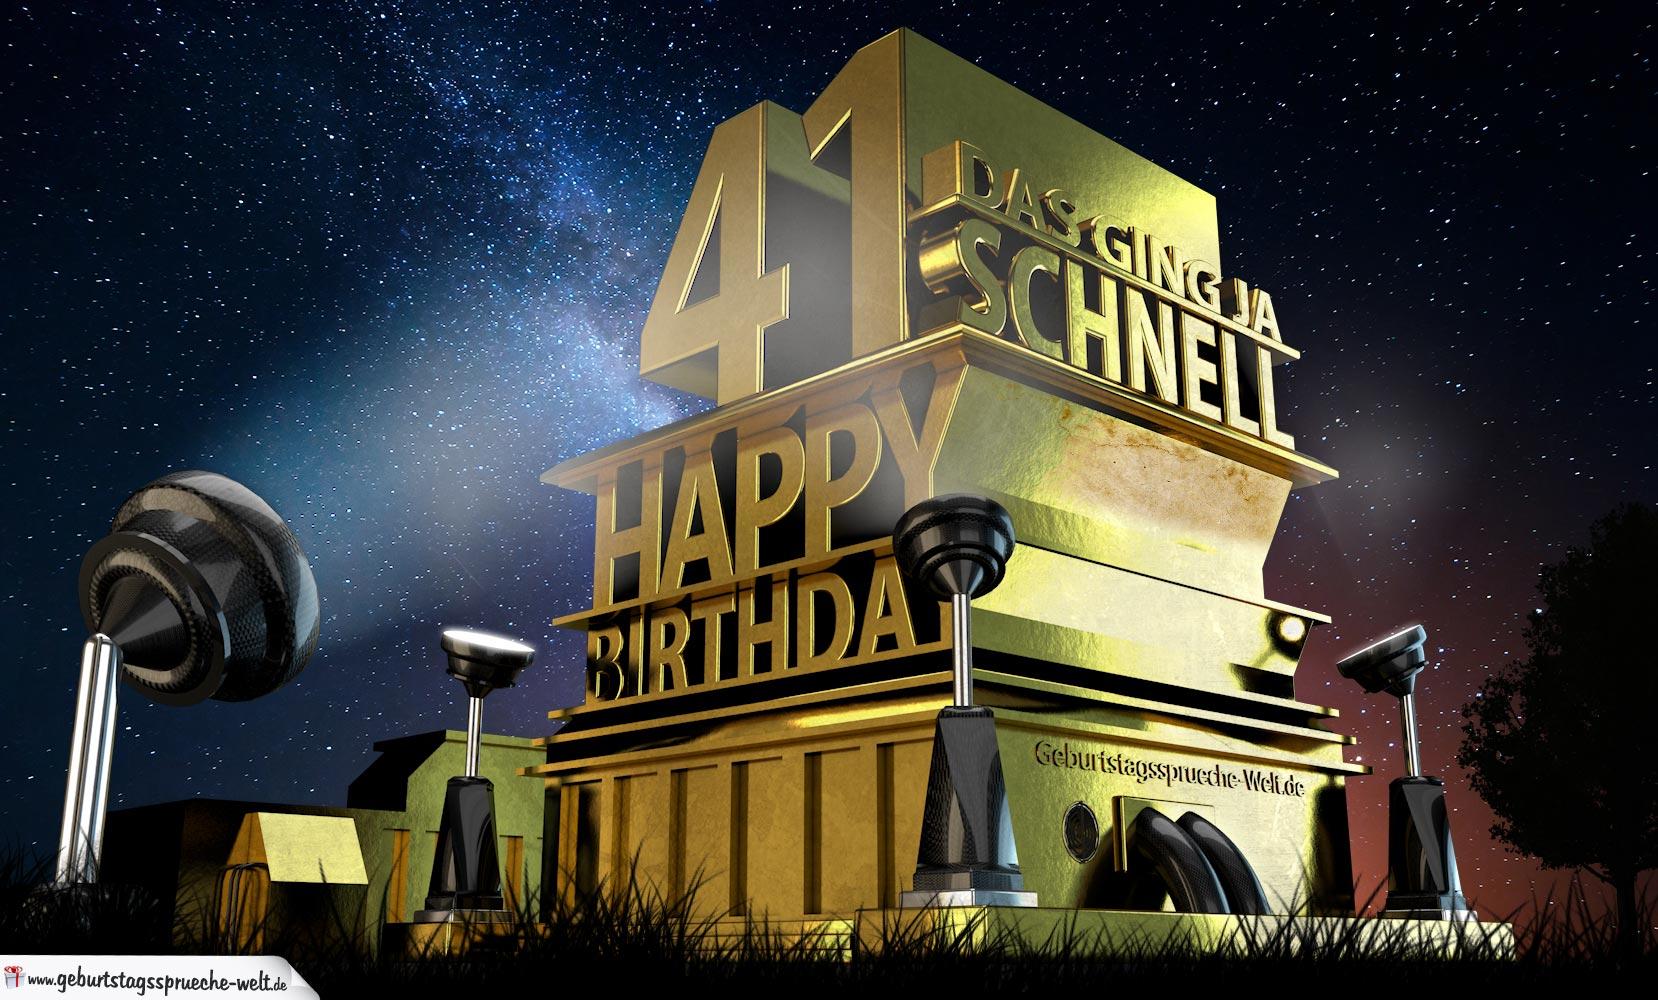 Kostenlose Geburtstagskarte zum 41. Geburtstag im Stile von